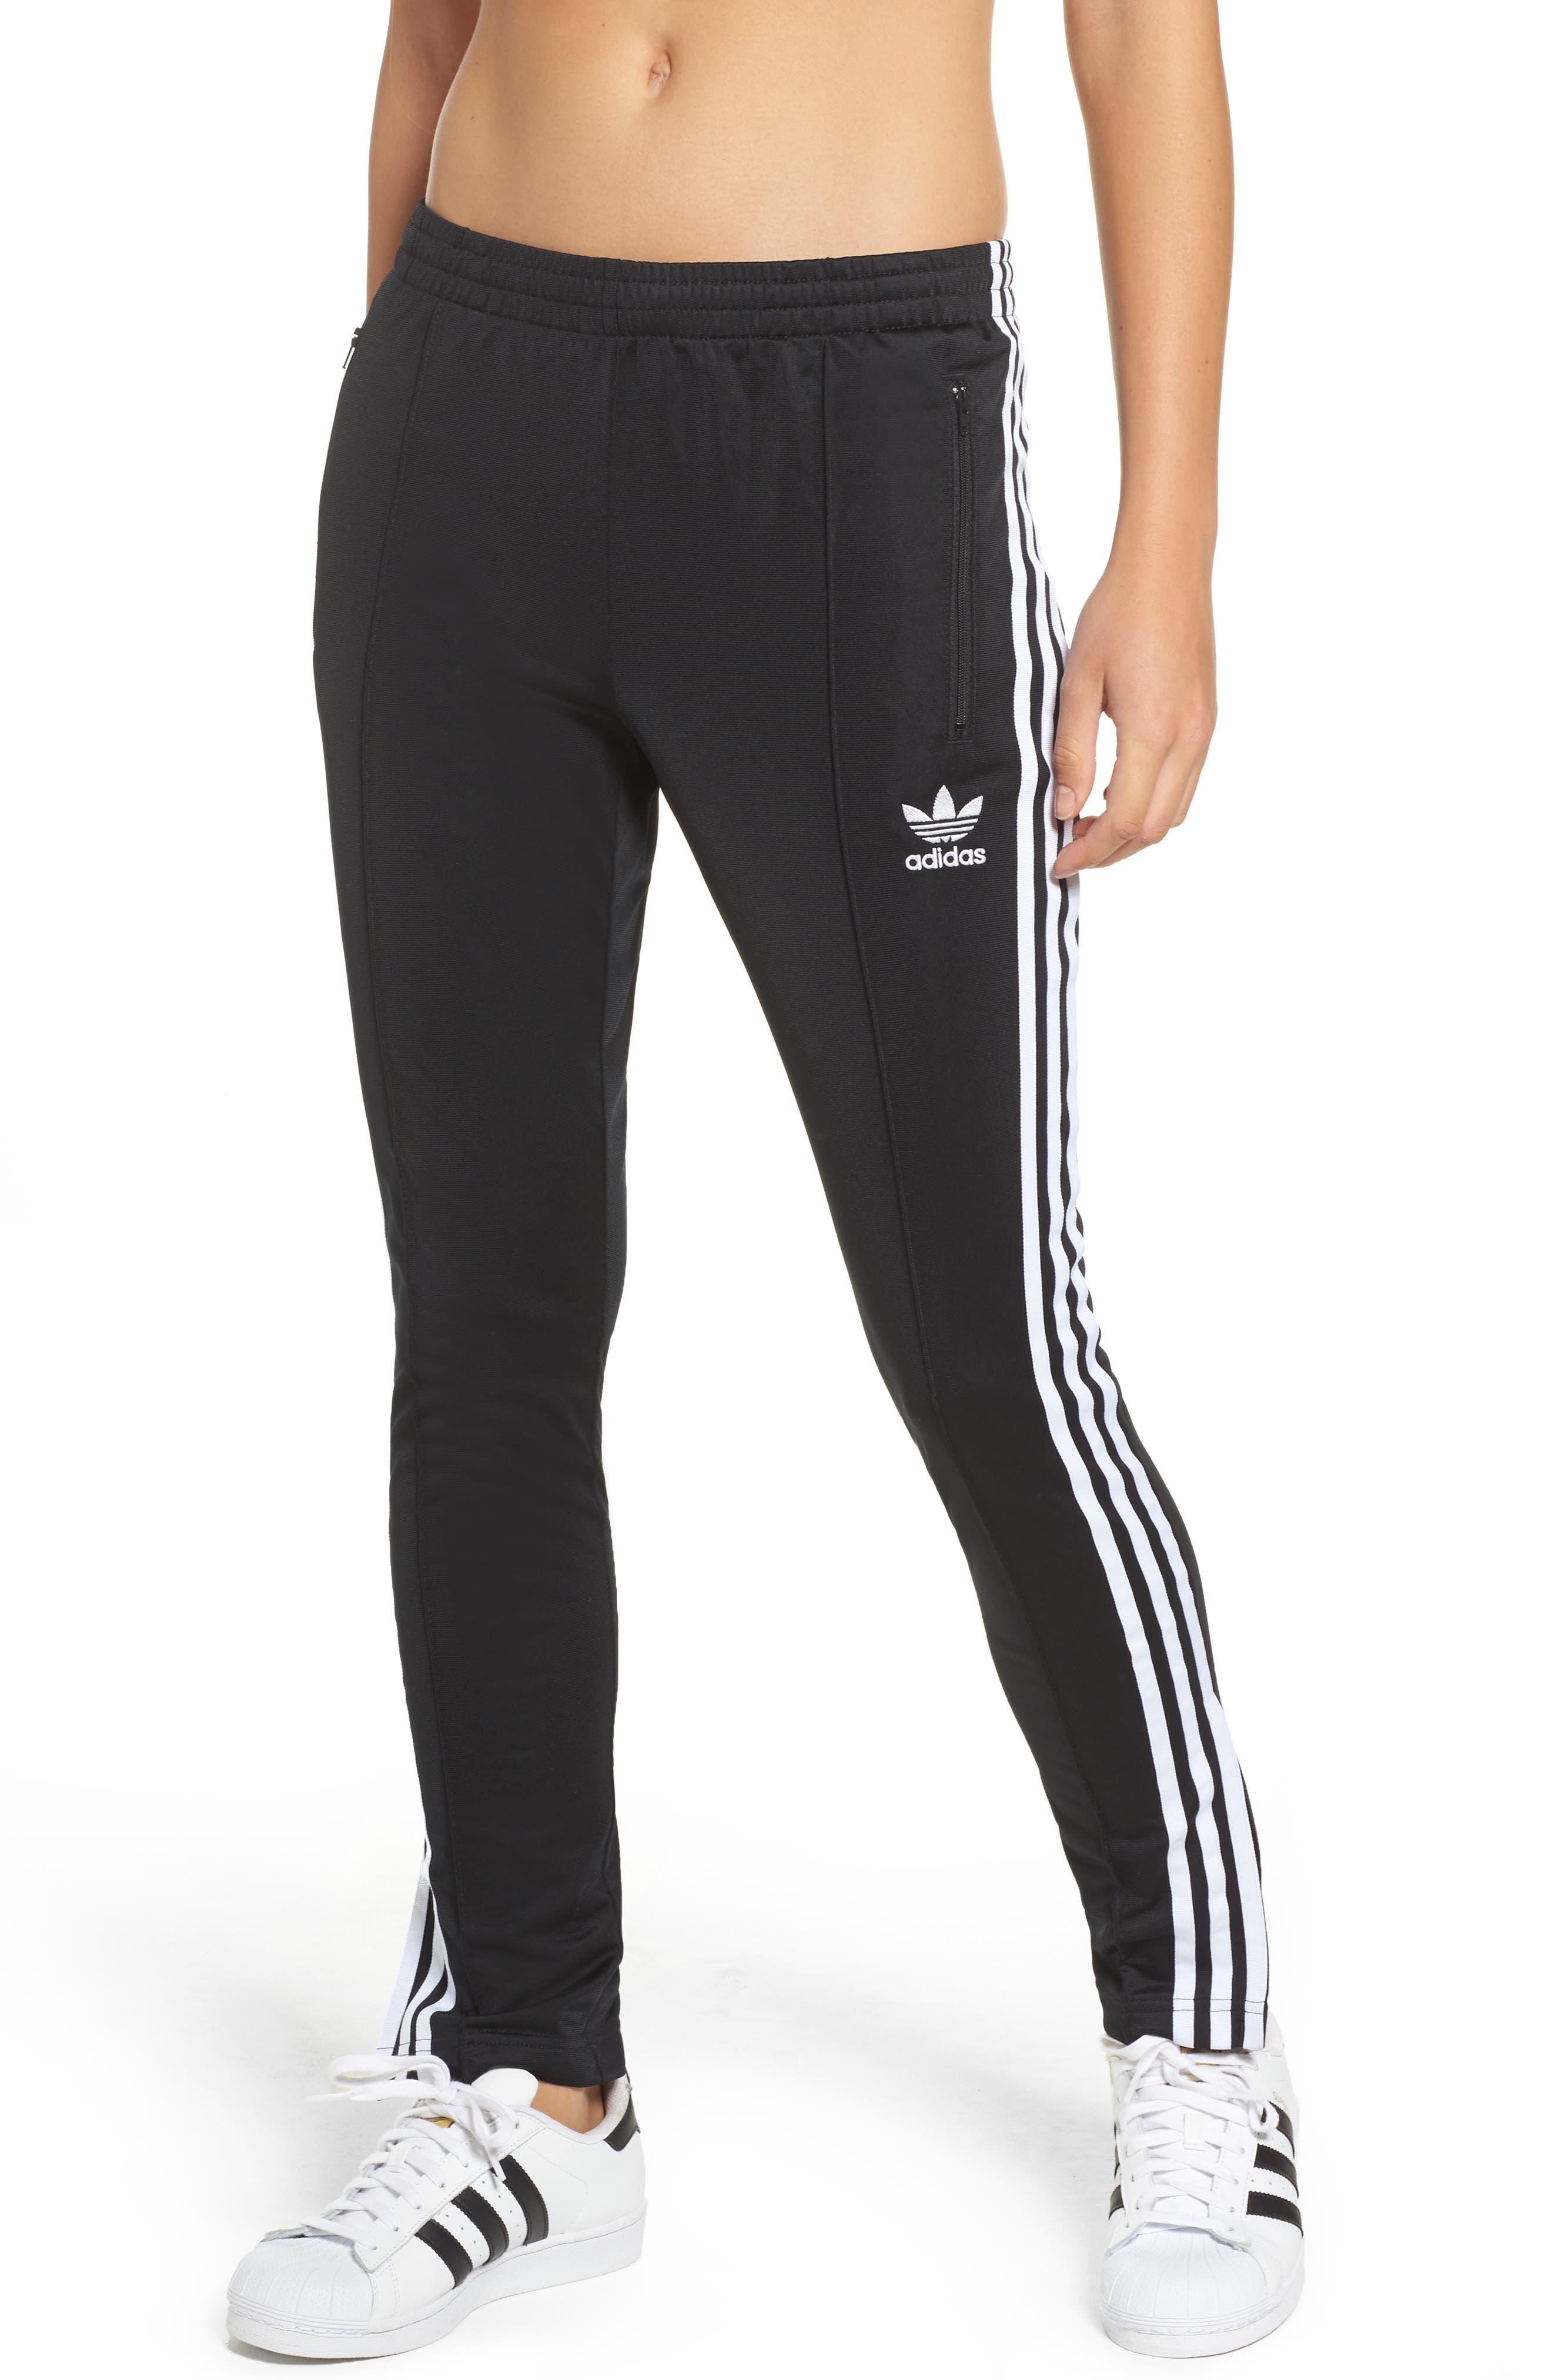 Originals Superstar Track Pants,                             Main thumbnail 1, color,                             Black